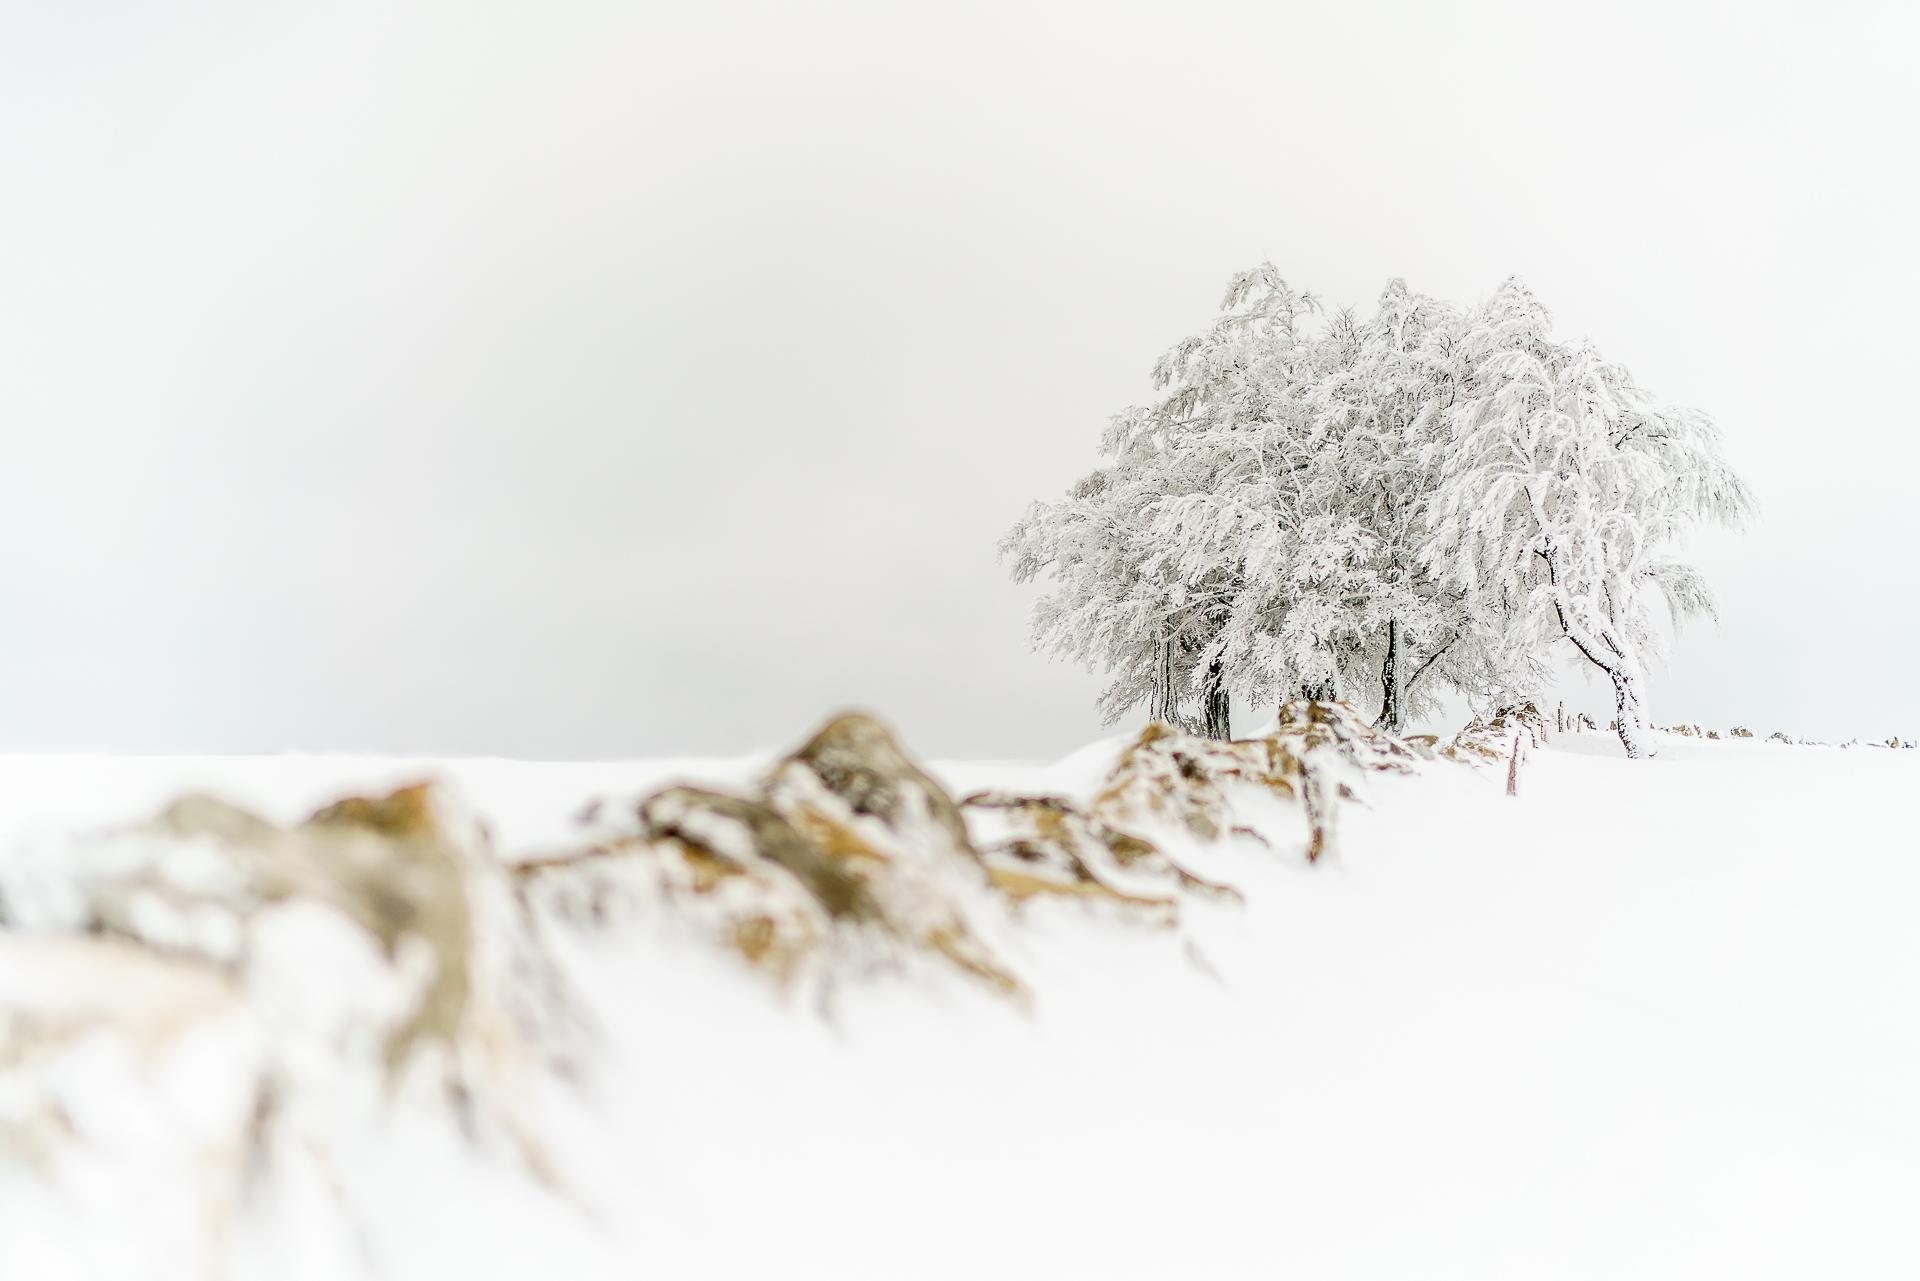 Winter-Creux-du-Van